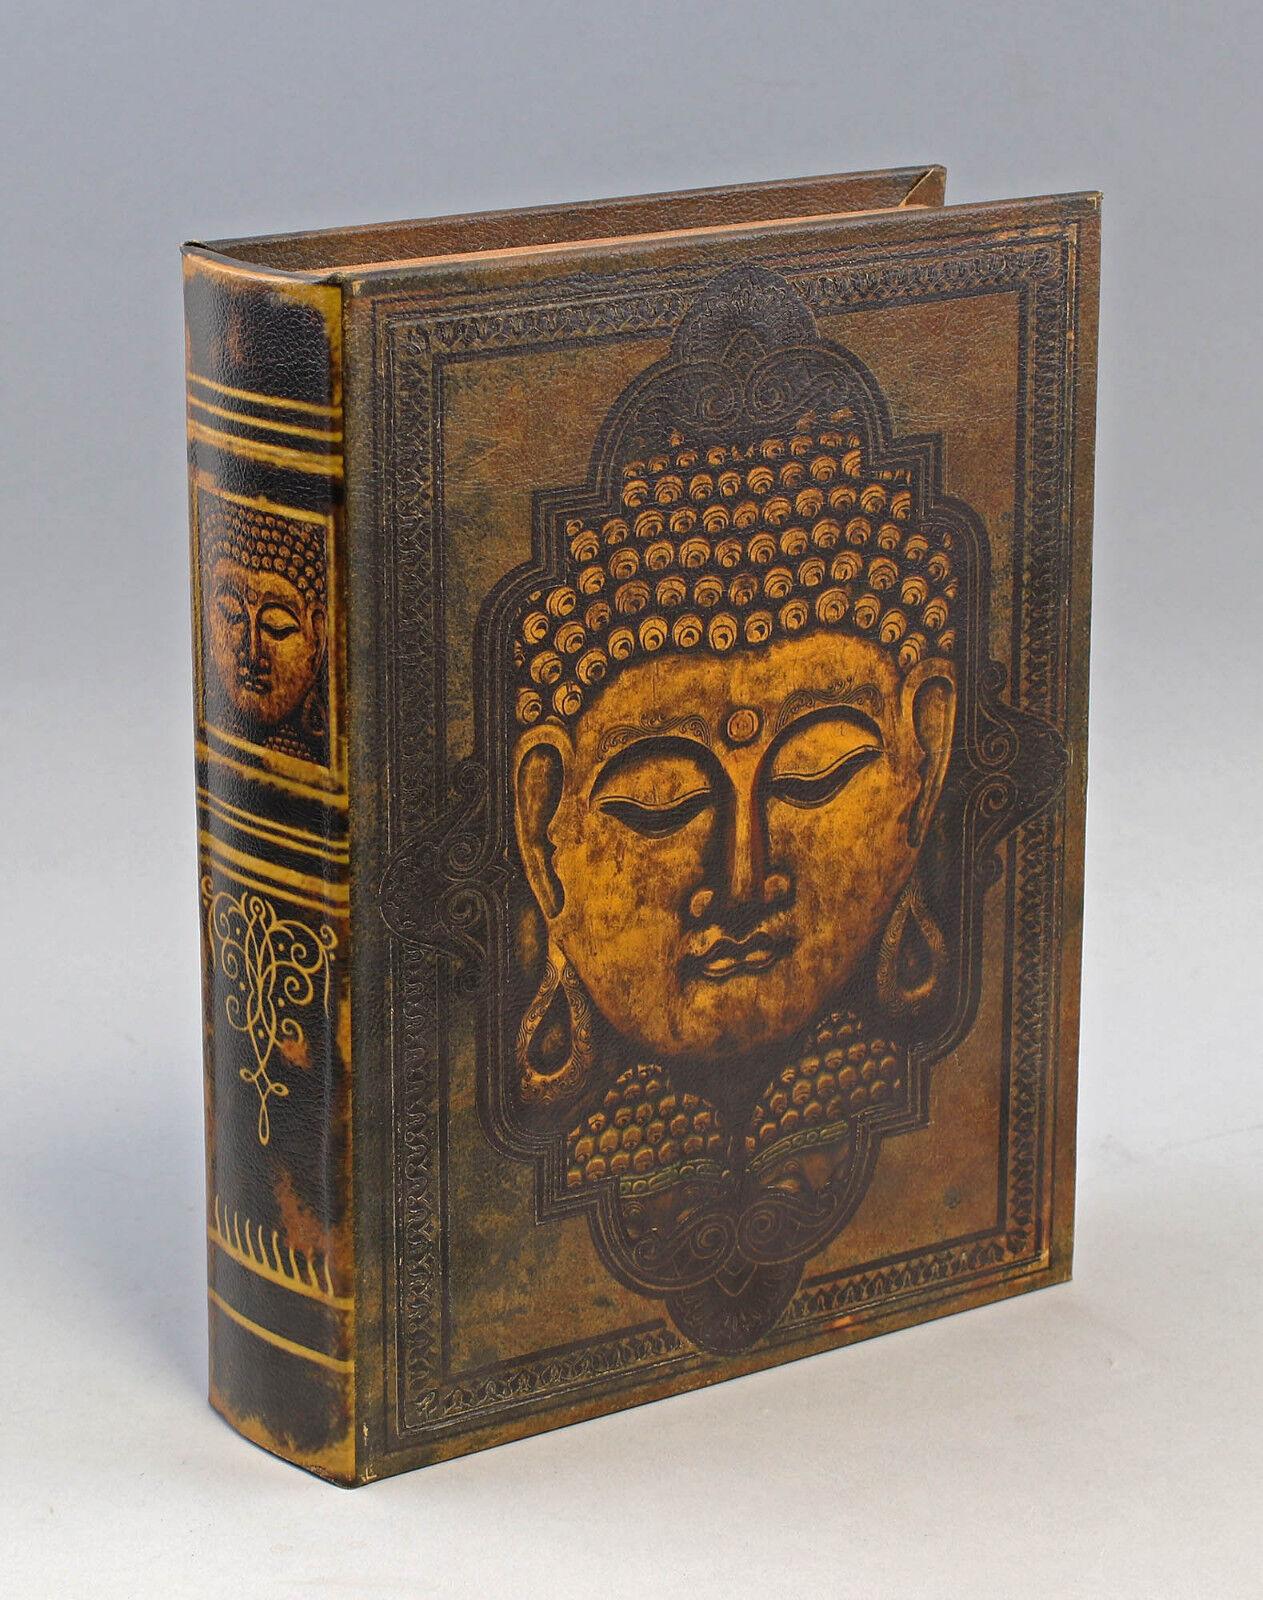 9973036 Schachtel Schatulle Box Buch Dekor Buddah 24 x 7 x 30 cm | Billig